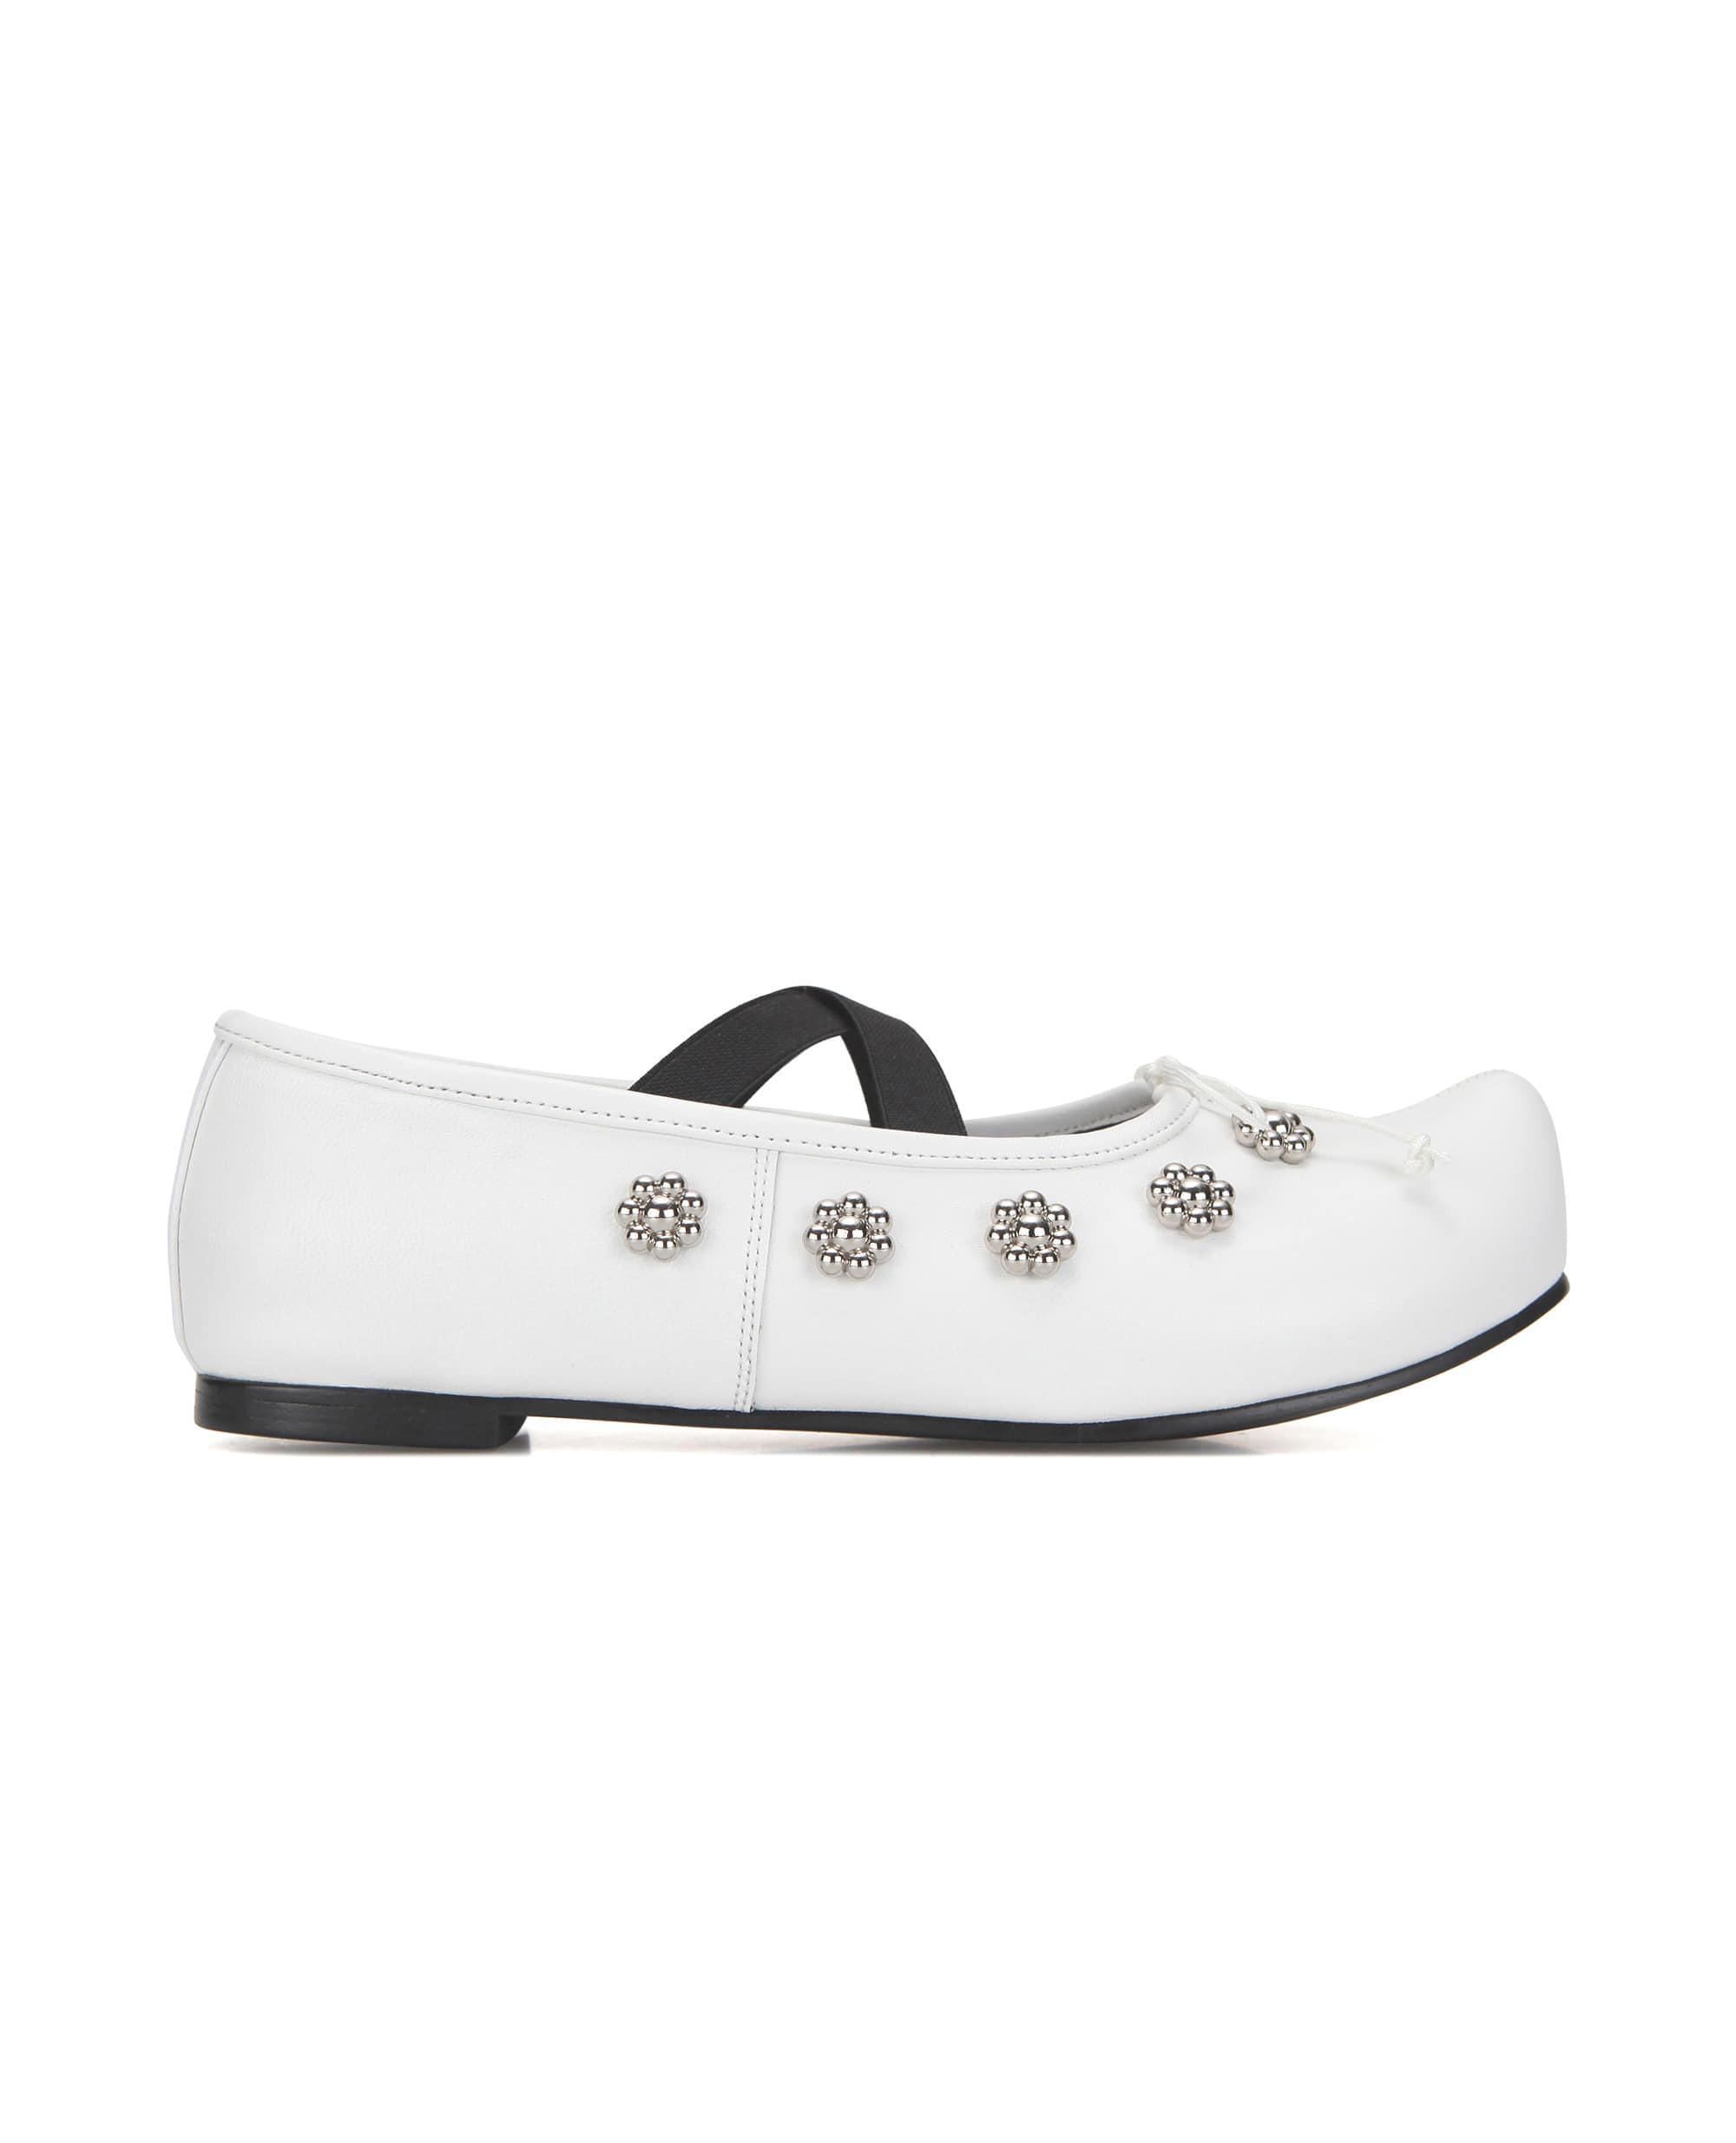 Pointed toe flower ballerinas | White